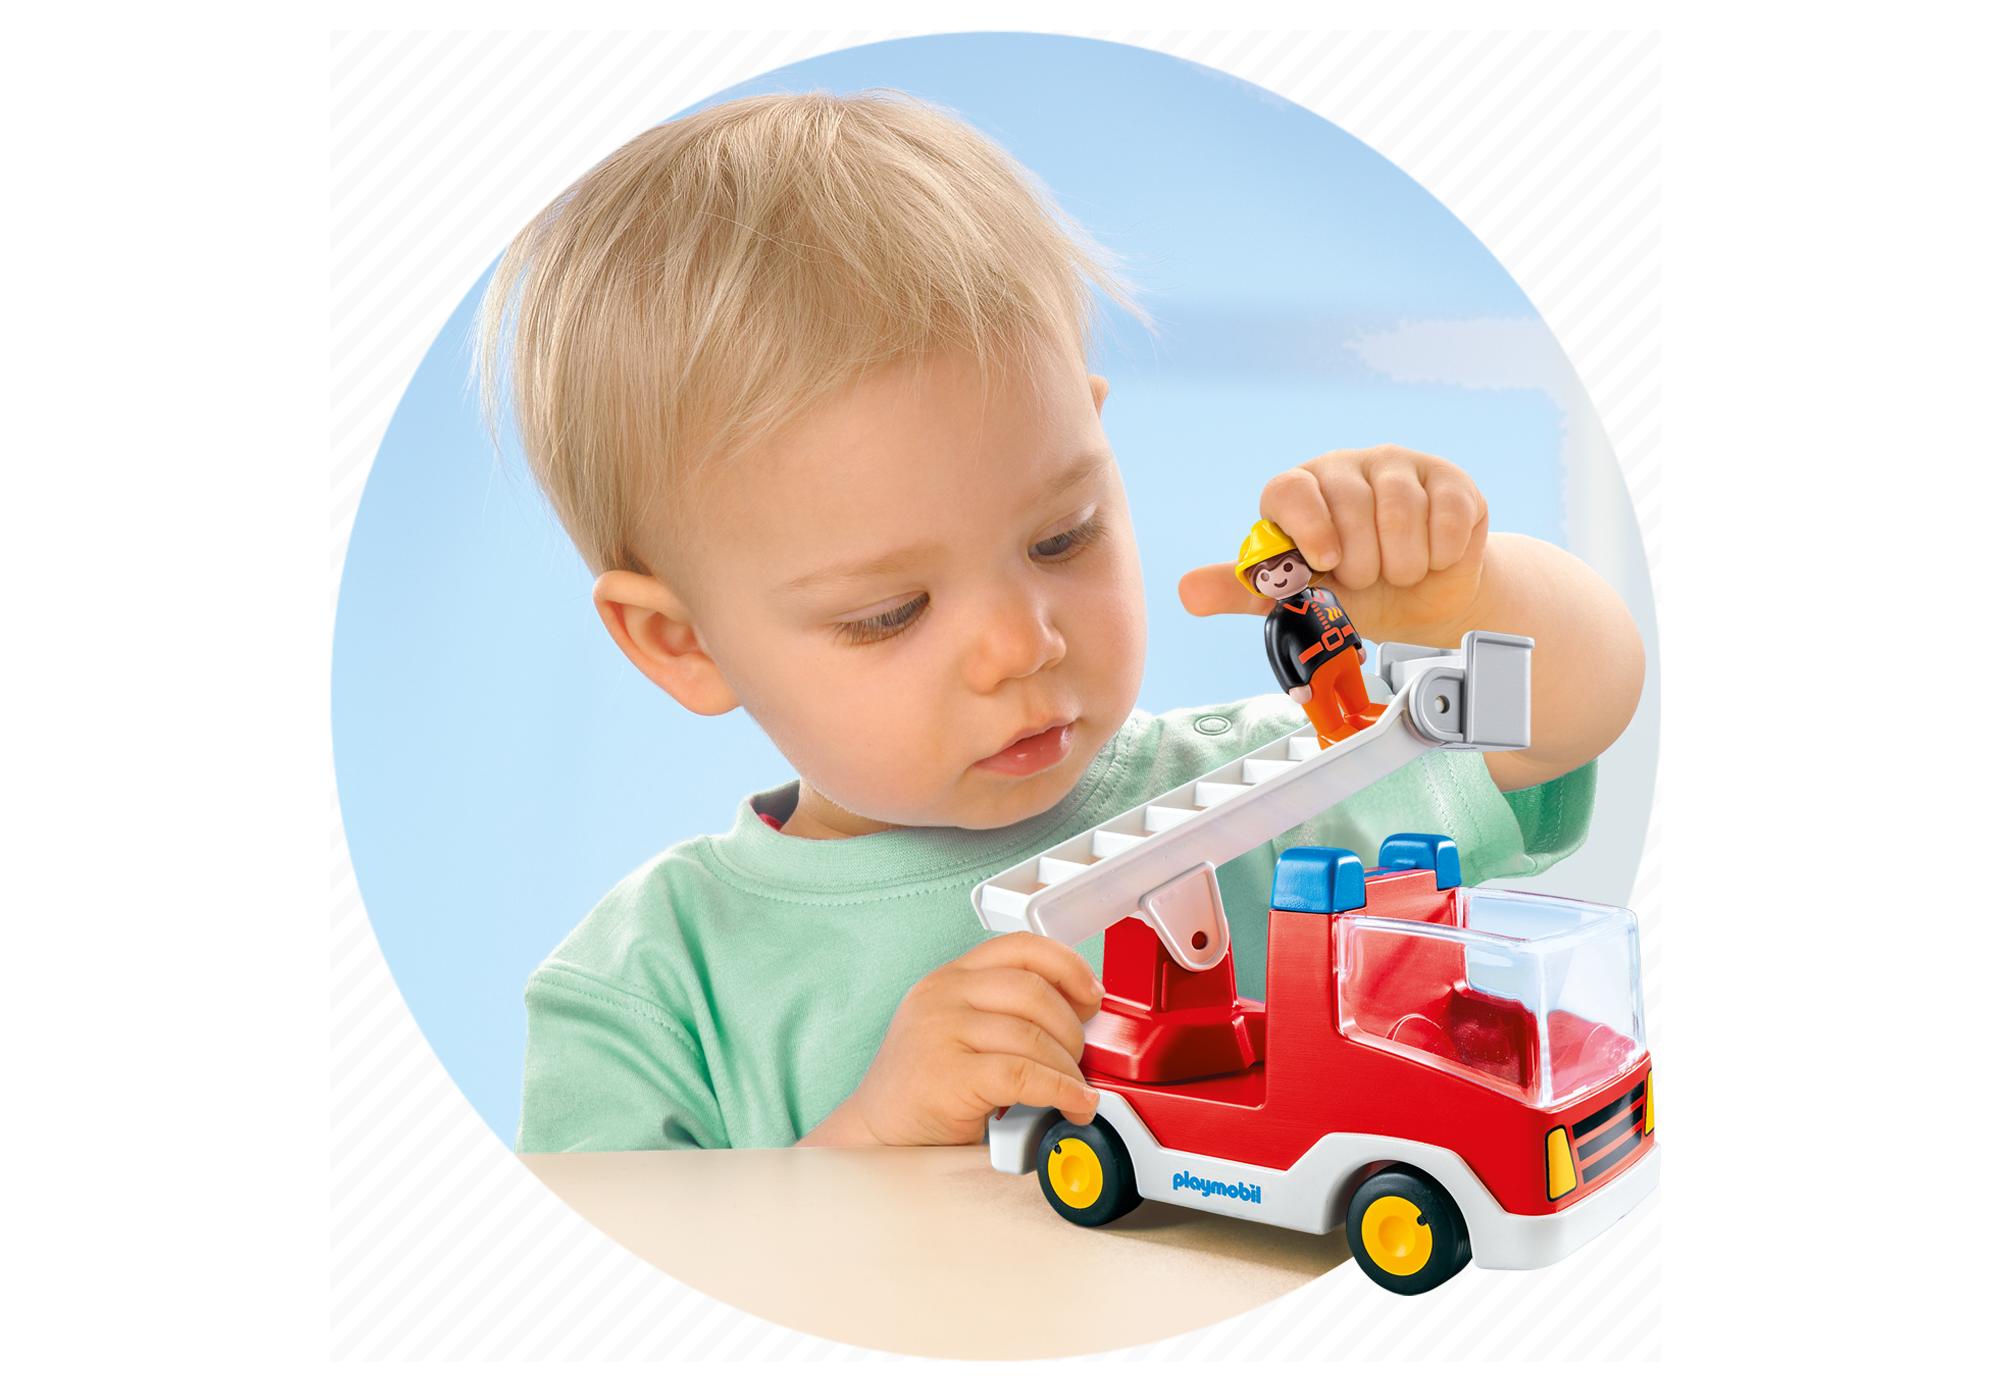 http://media.playmobil.com/i/playmobil/6967_product_extra1/Brandbil med stige